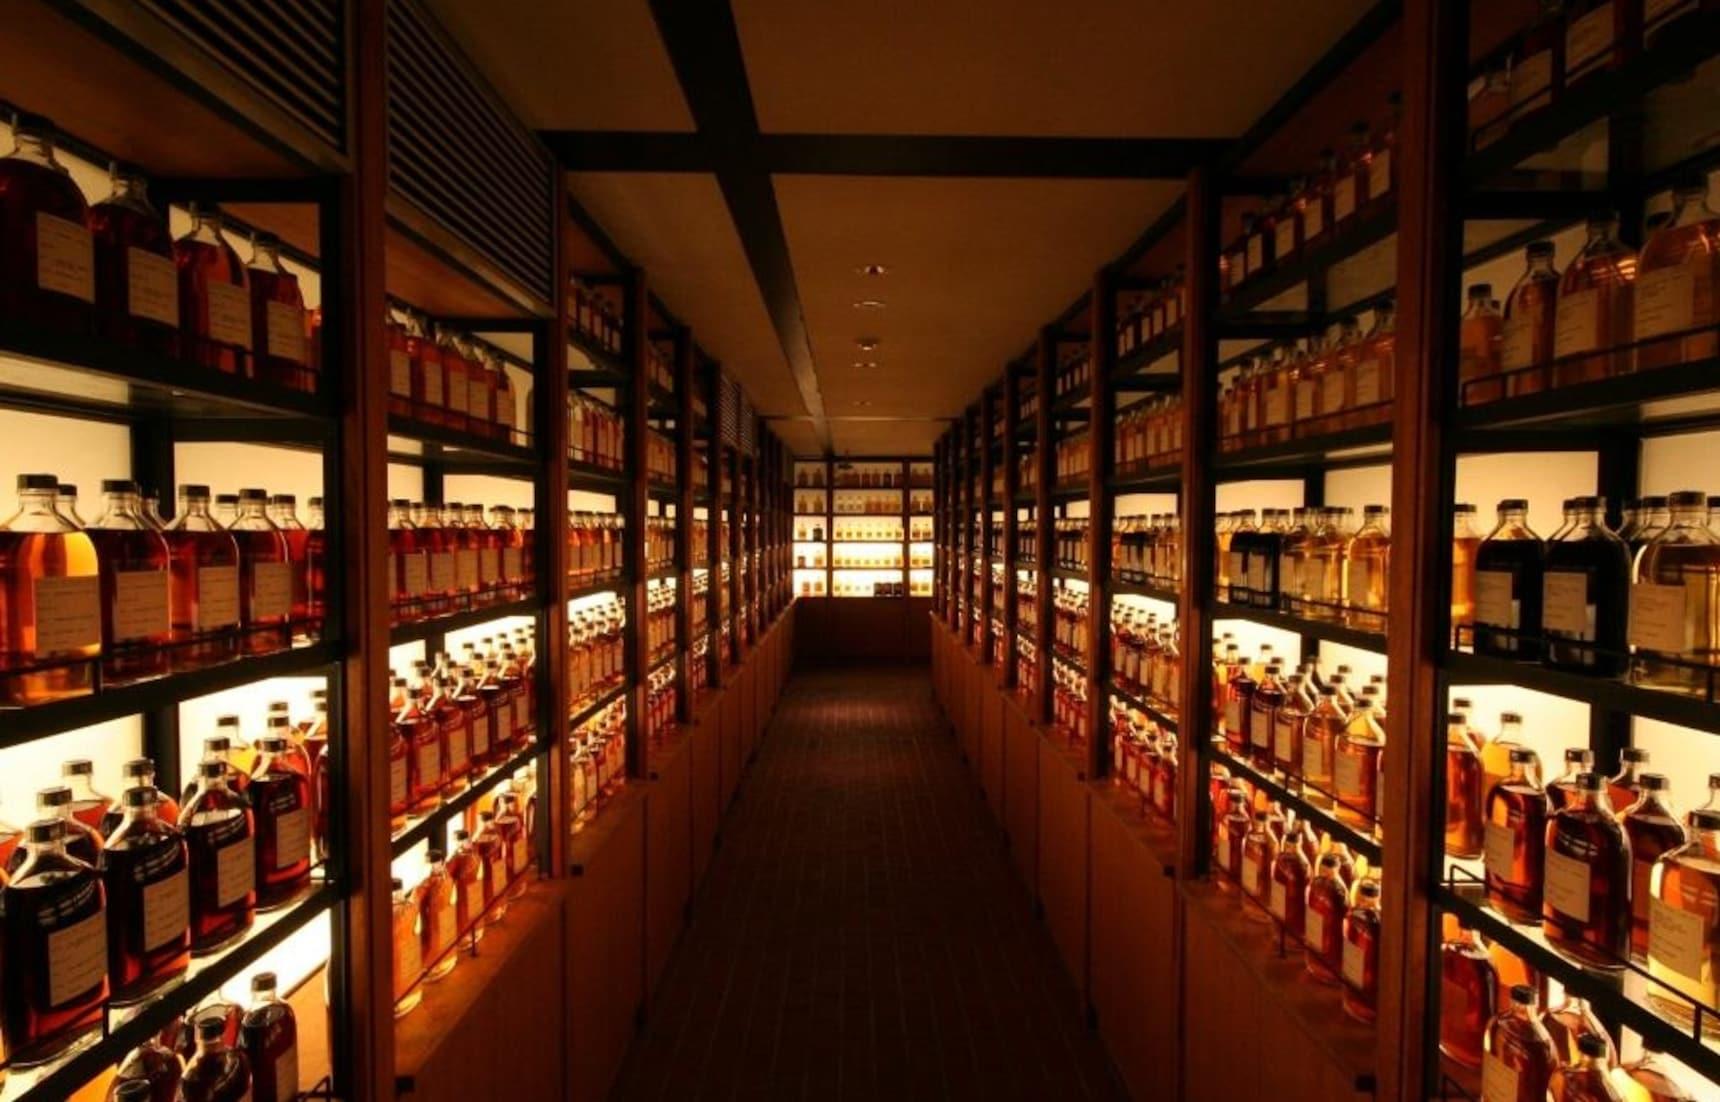 9 สถานที่ในญี่ปุ่นที่เหล่านักดื่มไม่ควรพลาด